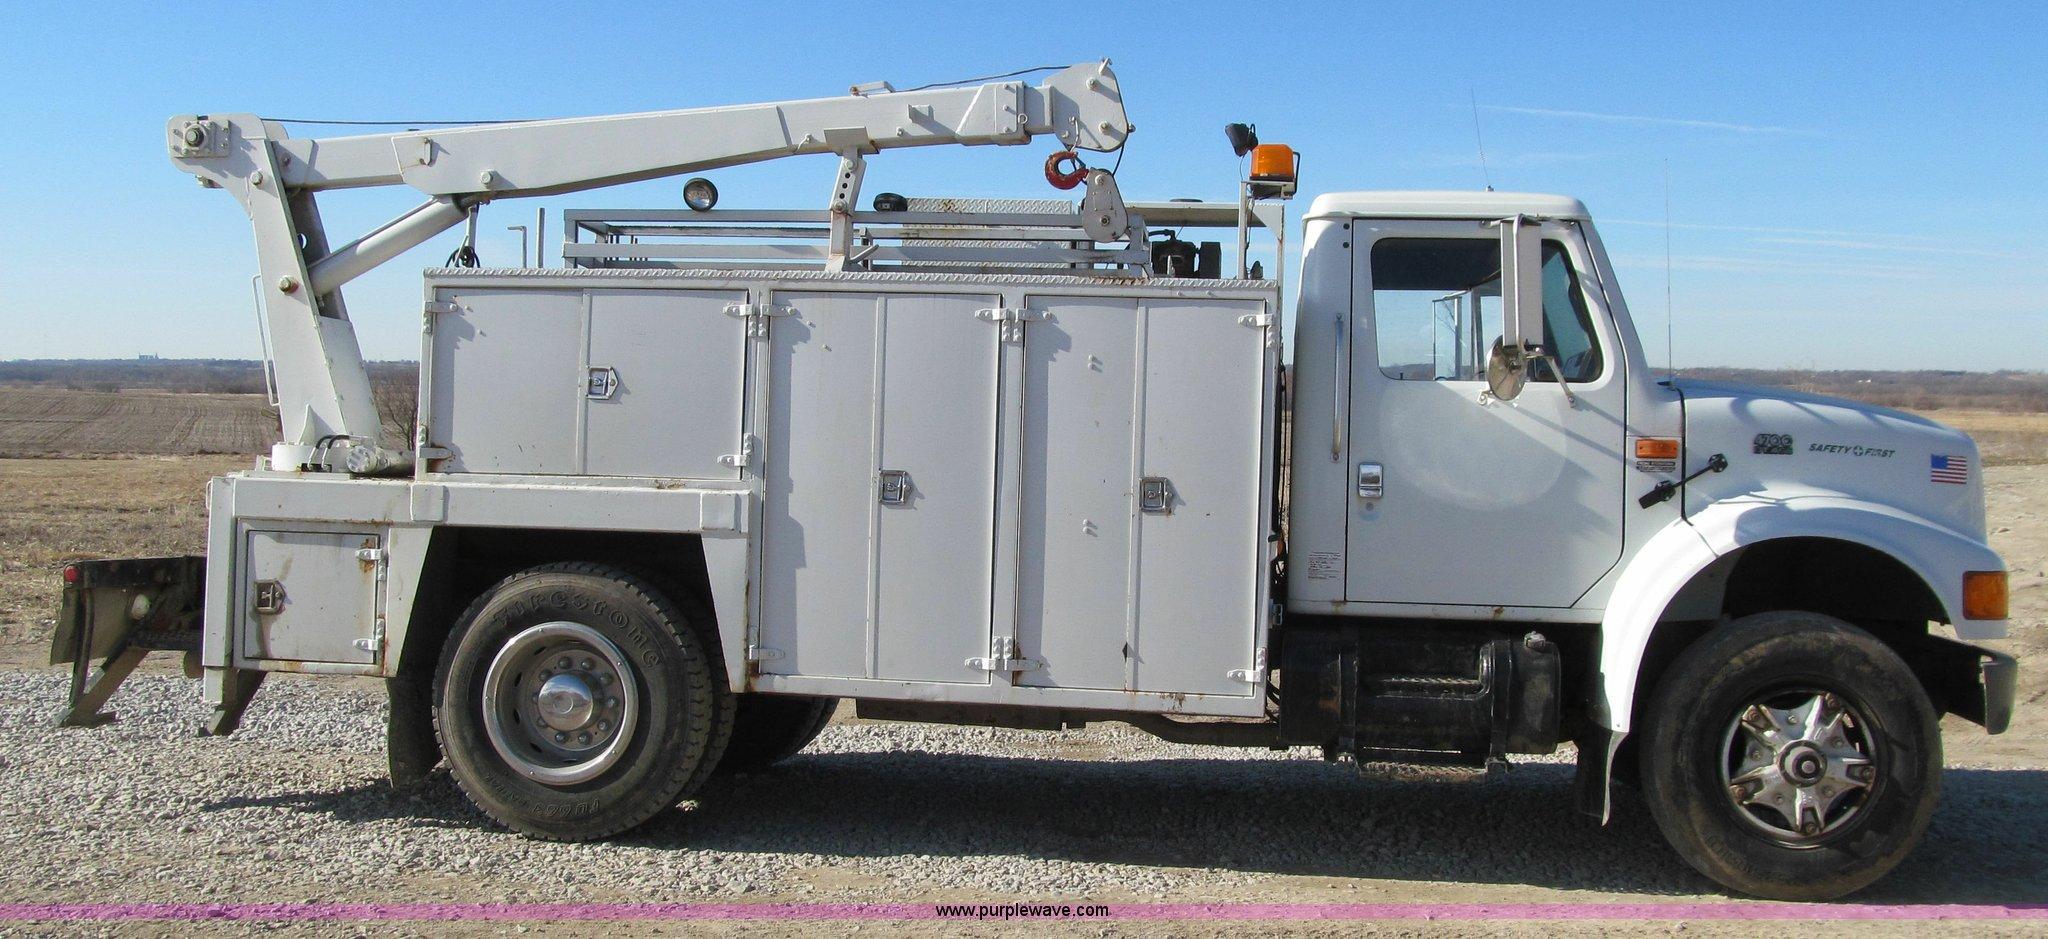 ... International 4700 service truck Full size in new window ...